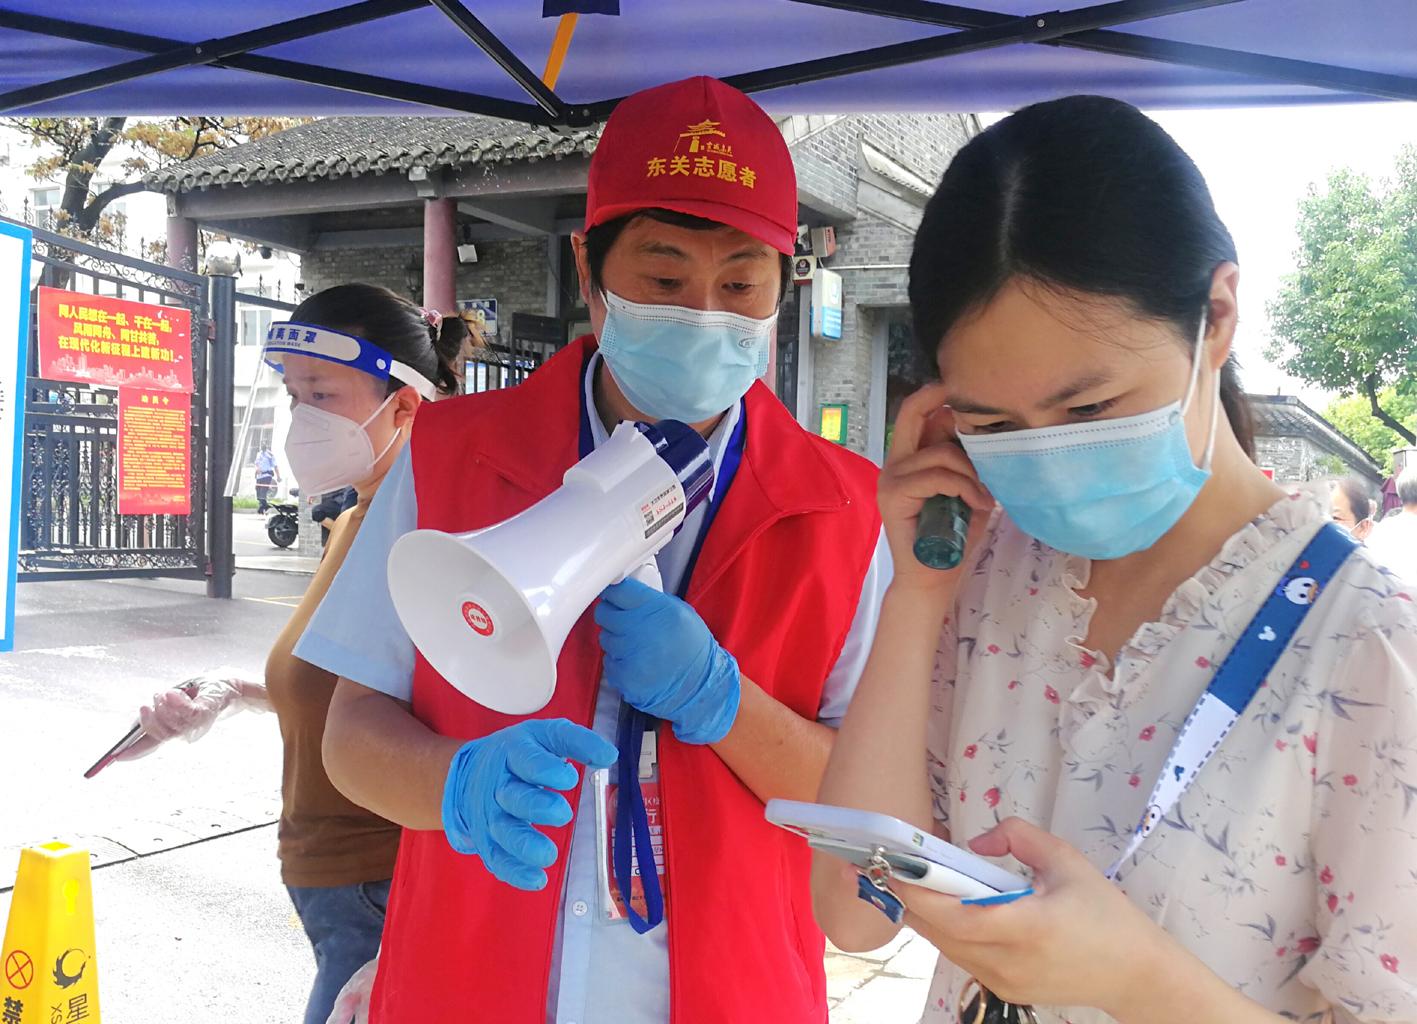 市民观察团志愿者协助核酸检测工作